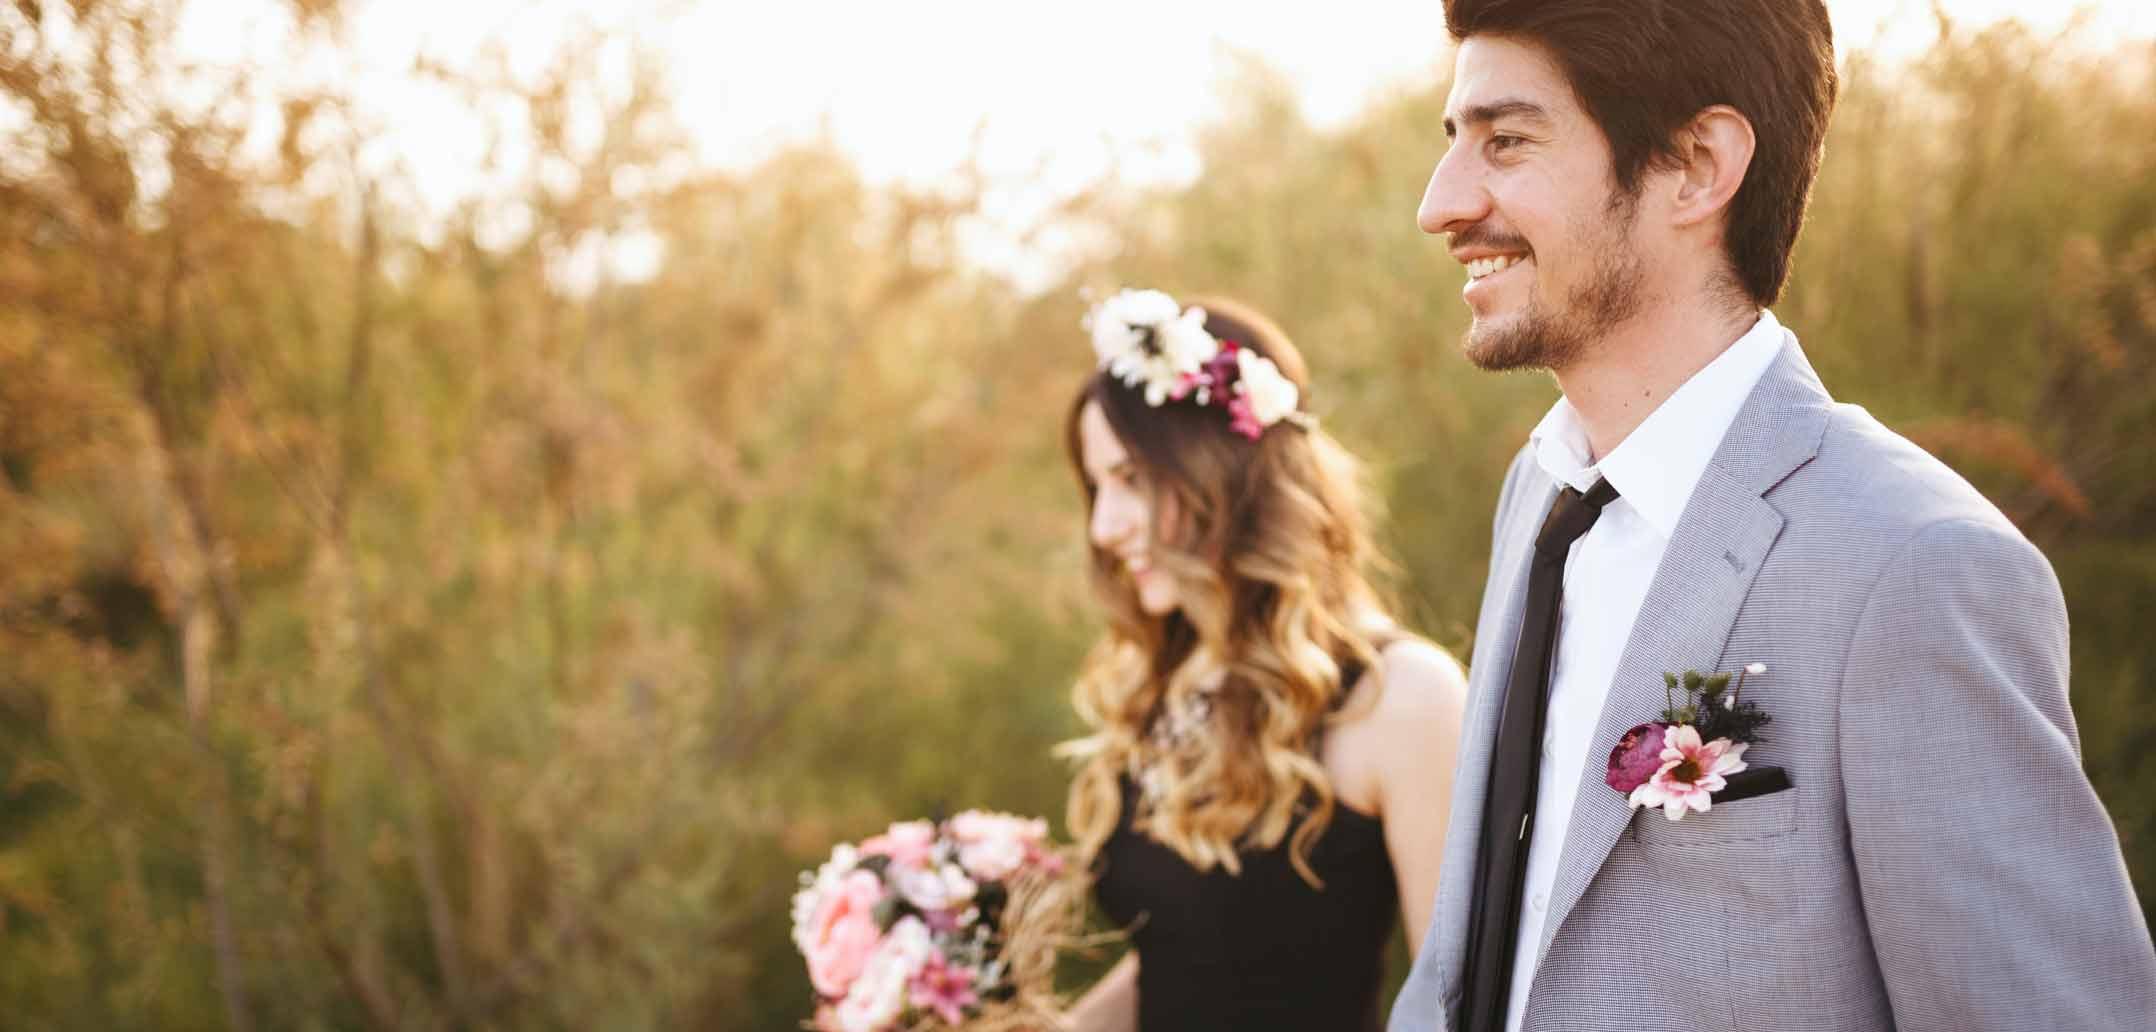 10 gründe warum man single sein sollte